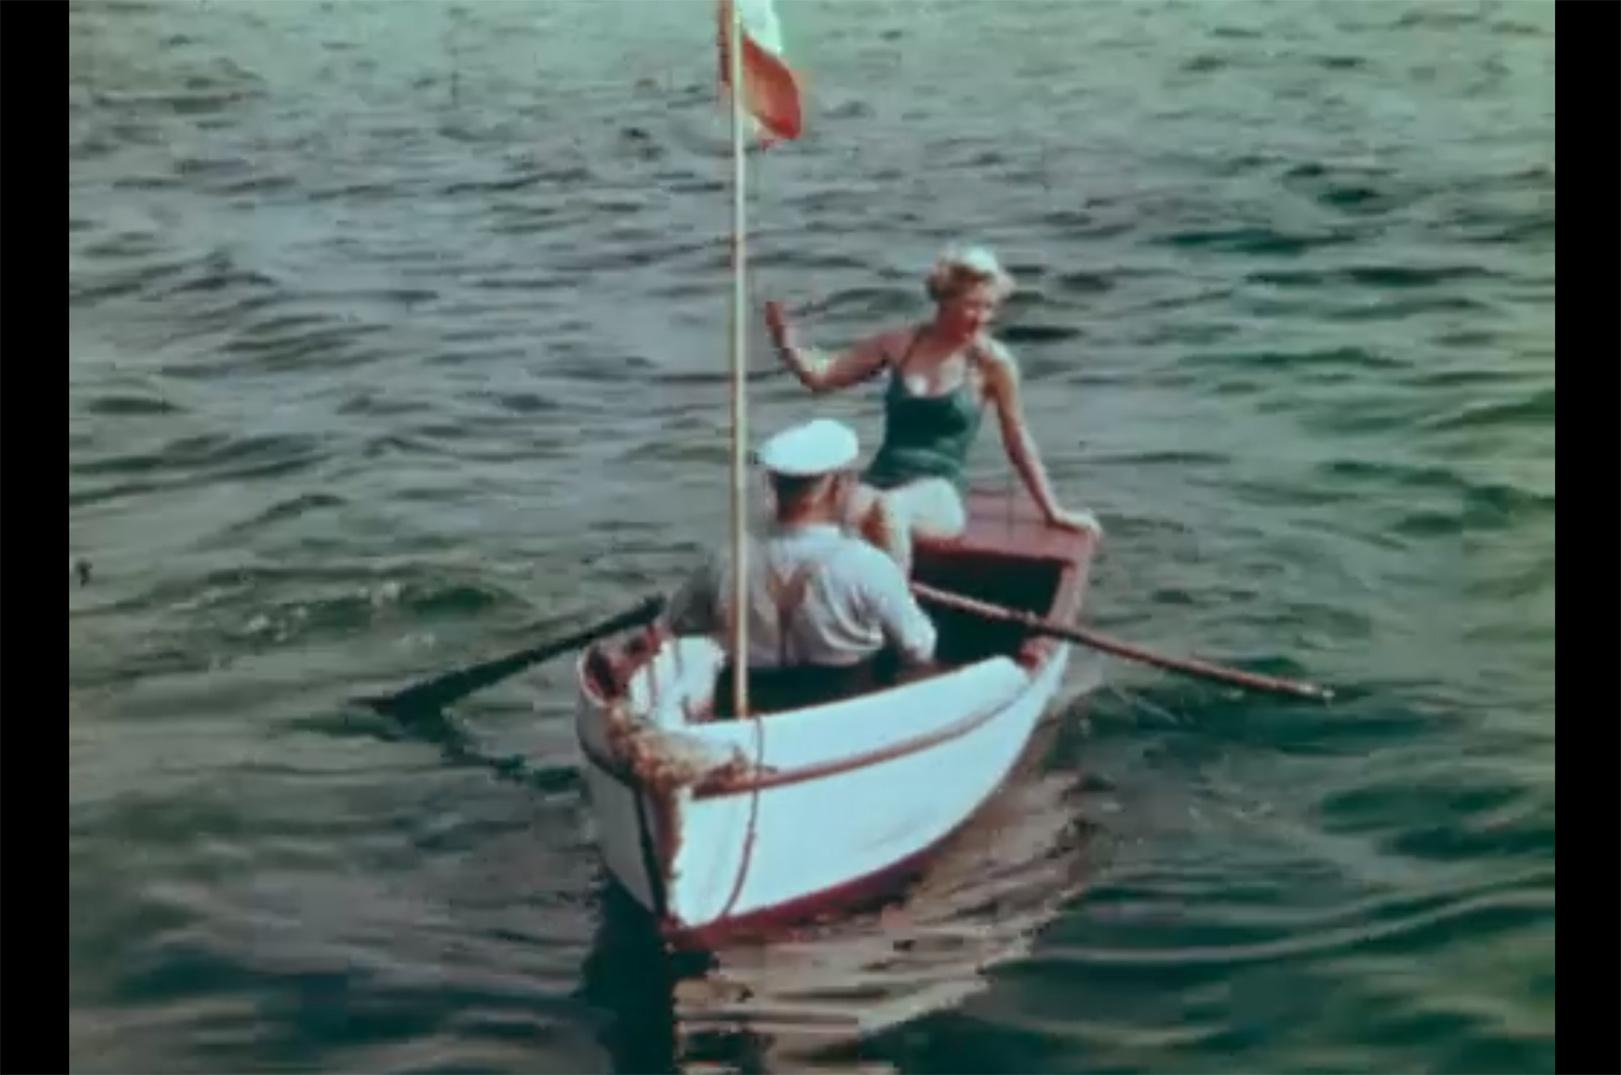 Så er det røde tunflag, der signalerer landet fisk - hejst